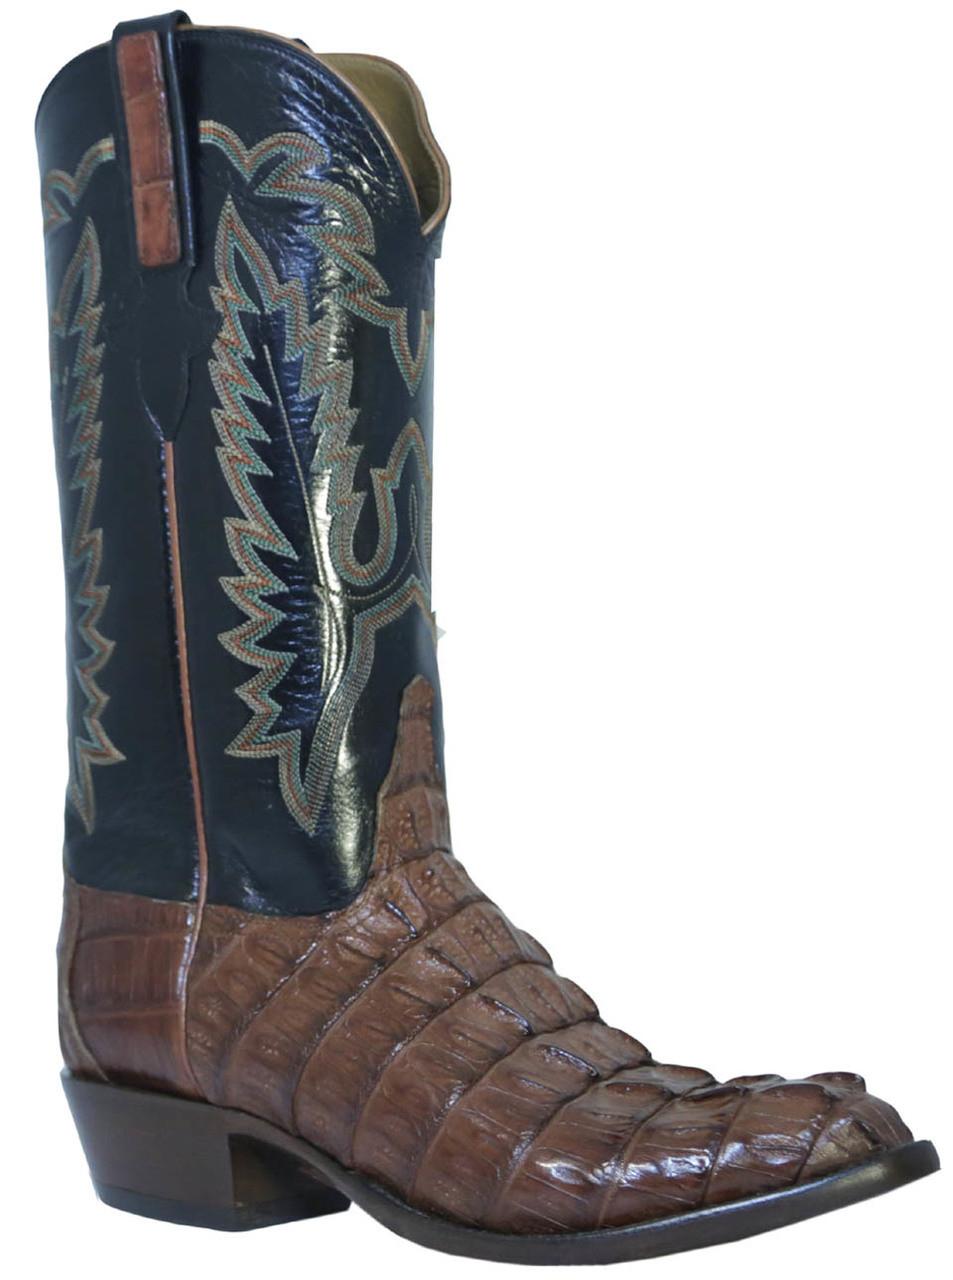 3ef887dd57c Men's Lucchese L1326.23 Classics Caiman Crocodile Cowboy Boots, Cognac